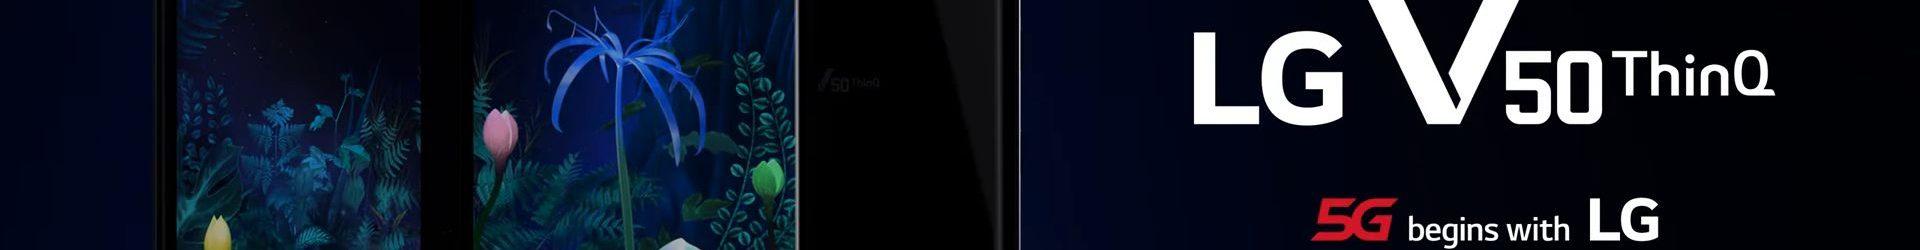 LG V50 ThinQ 5G ufficiale: il vero top di gamma di LG con 5G e Dual Screen